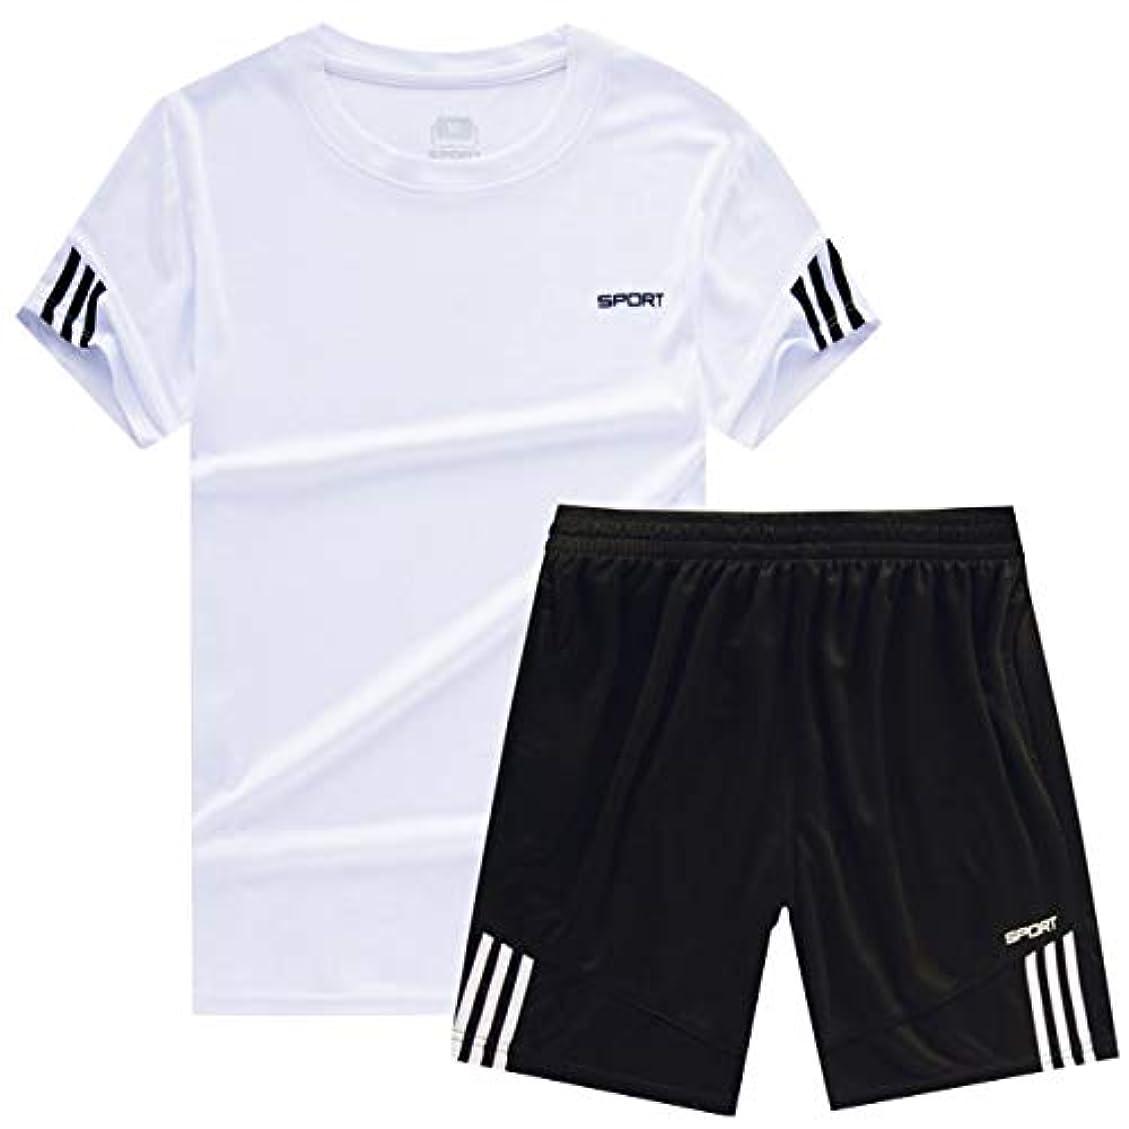 から聞く肺炎改修[ココチエ] スポーツウェア メンズ 半袖 短パン 上下 tシャツ 大きめ セットアップ 部屋着 夏